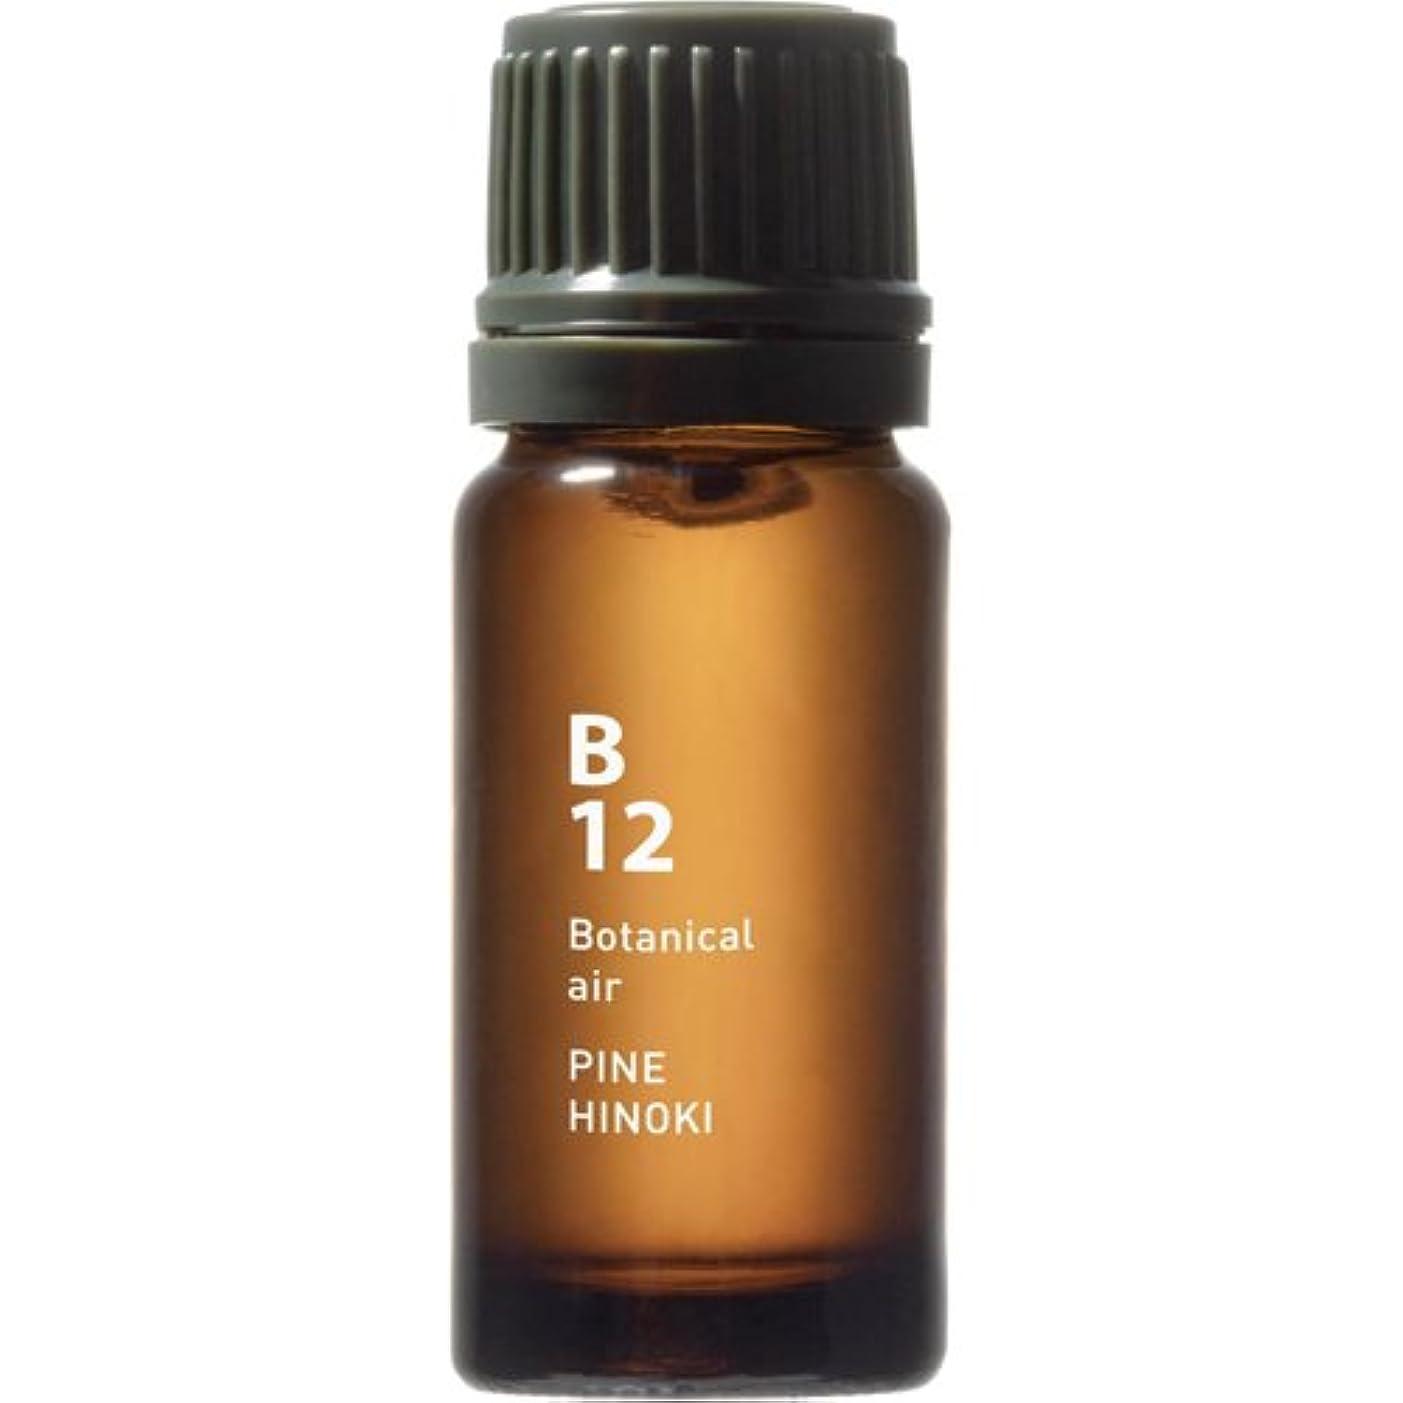 忠実につぶす引くB12 パインヒノキ Botanical air(ボタニカルエアー) 10ml